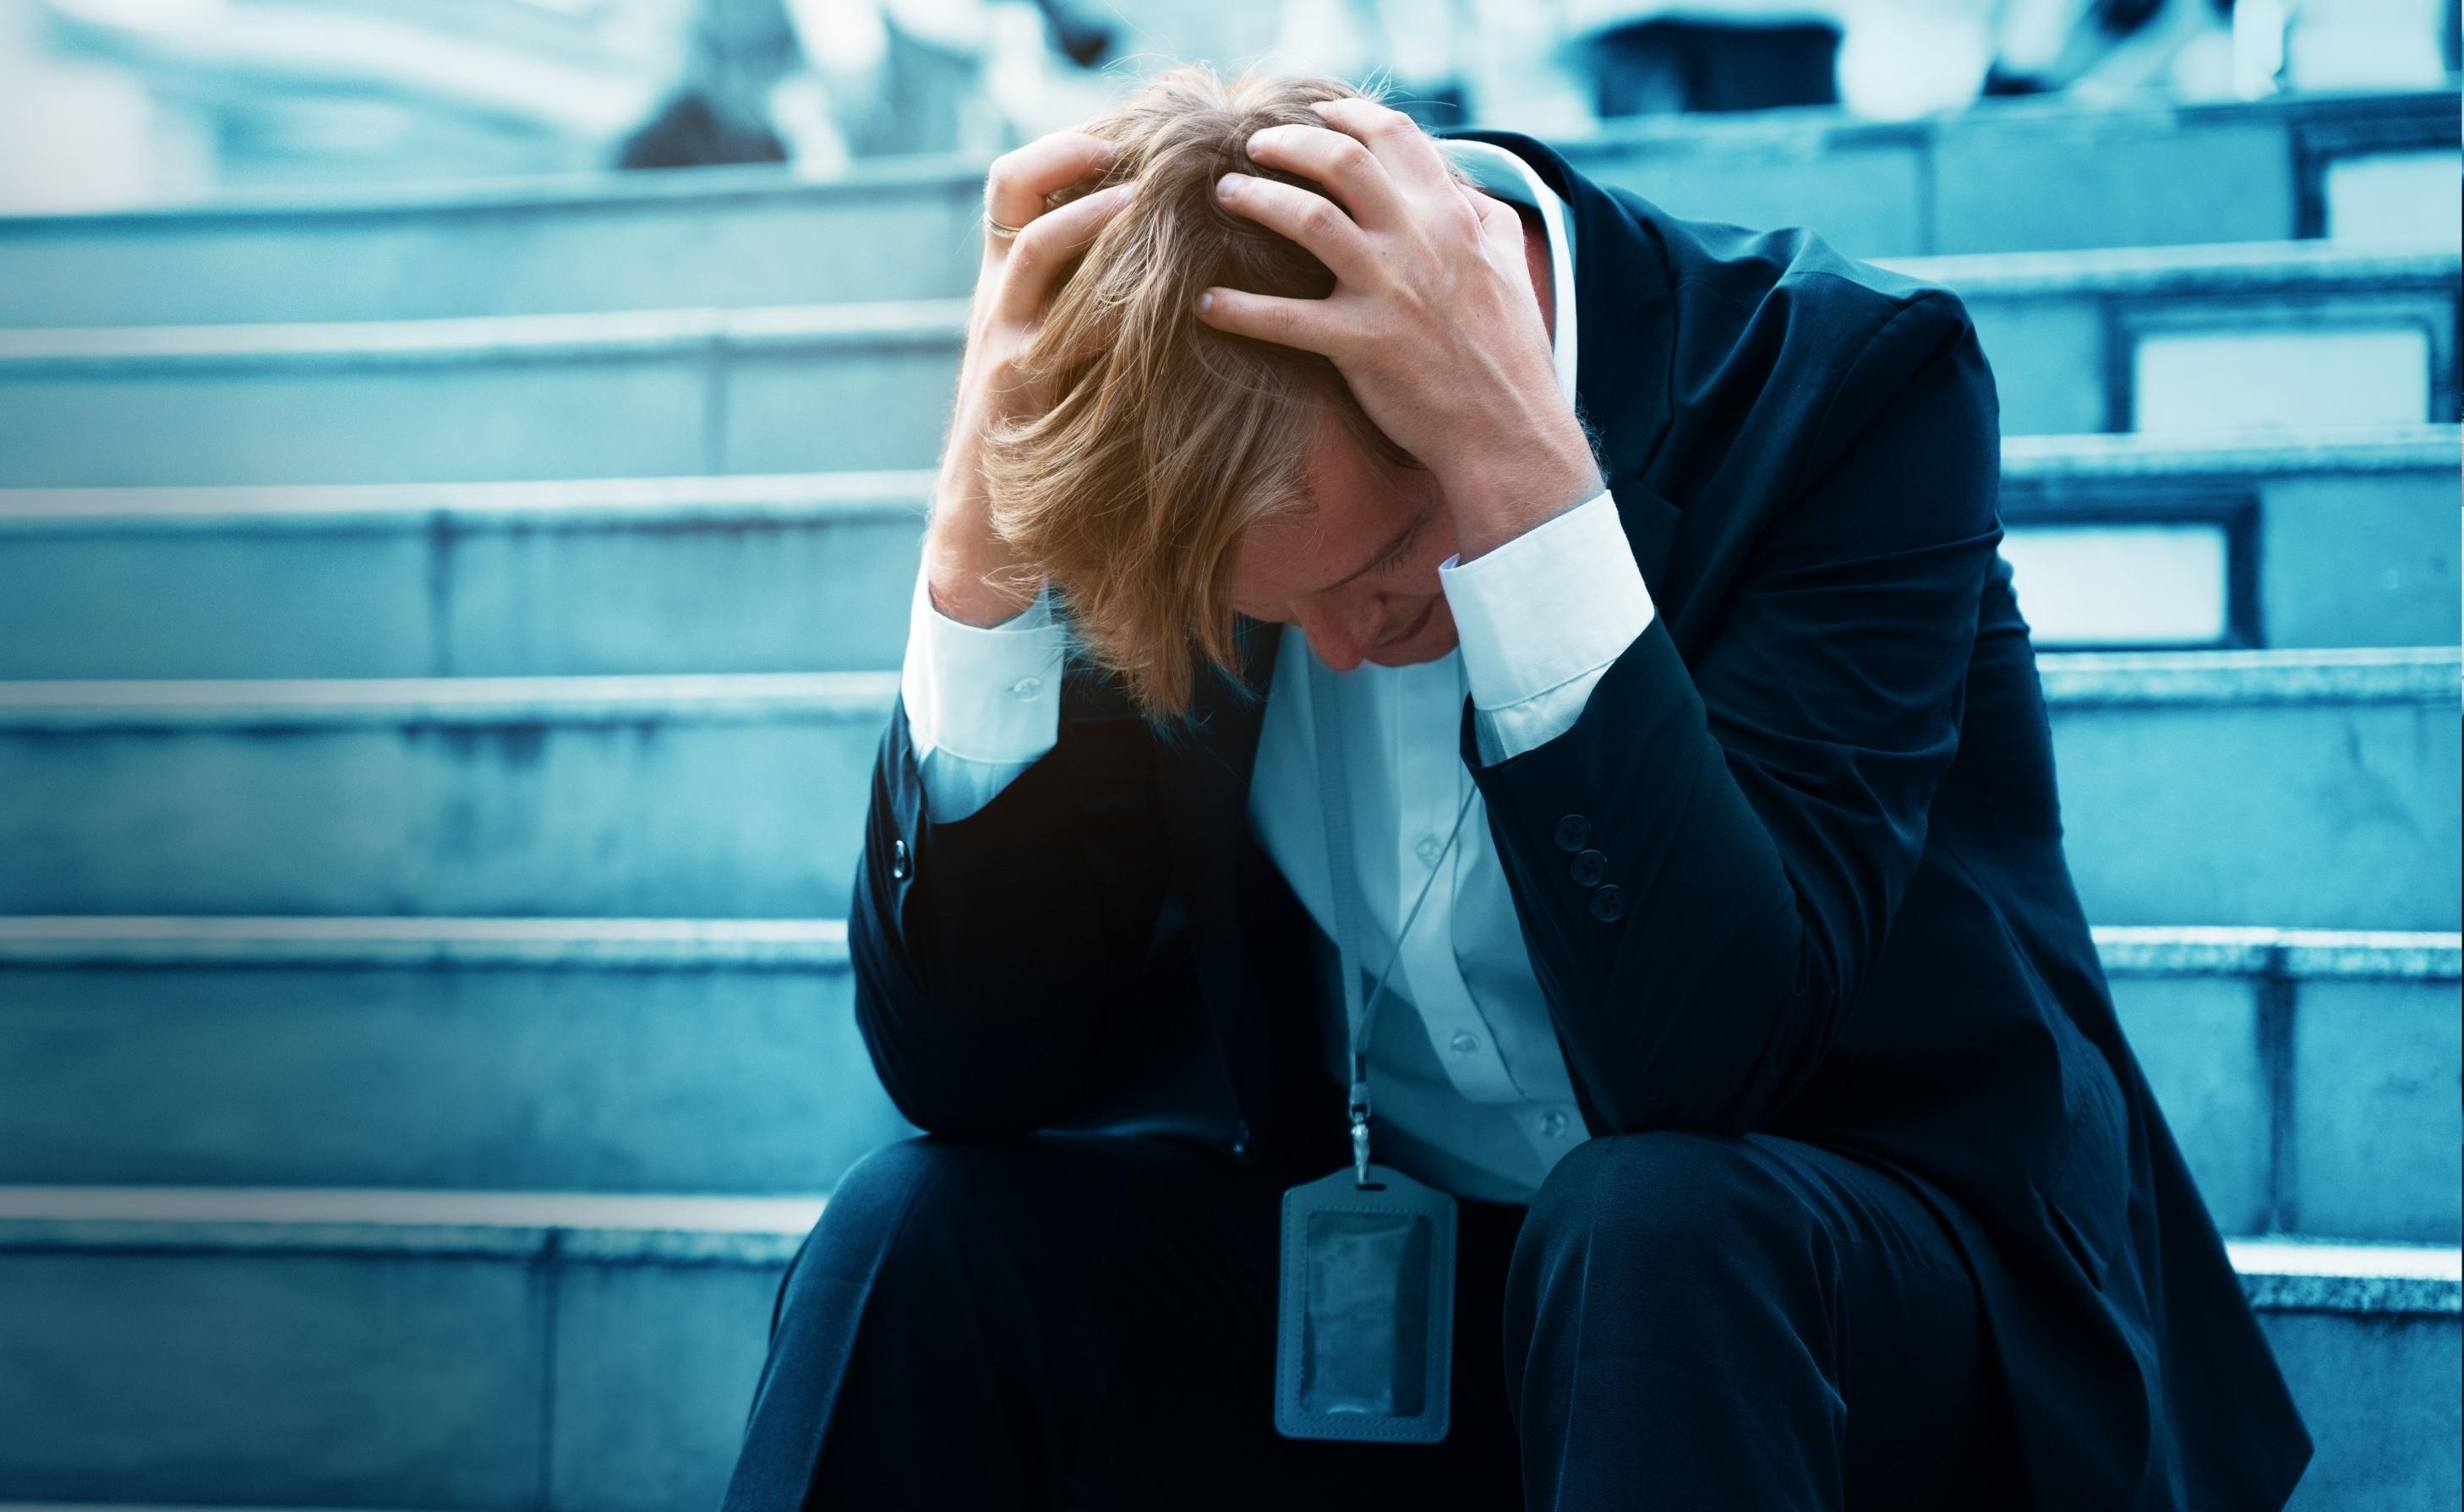 """Niemal 55 proc. liderów biorących udział w badaniu """"Stresoodporni"""" ma problemy ze snem (Fot. Shutterstock)"""